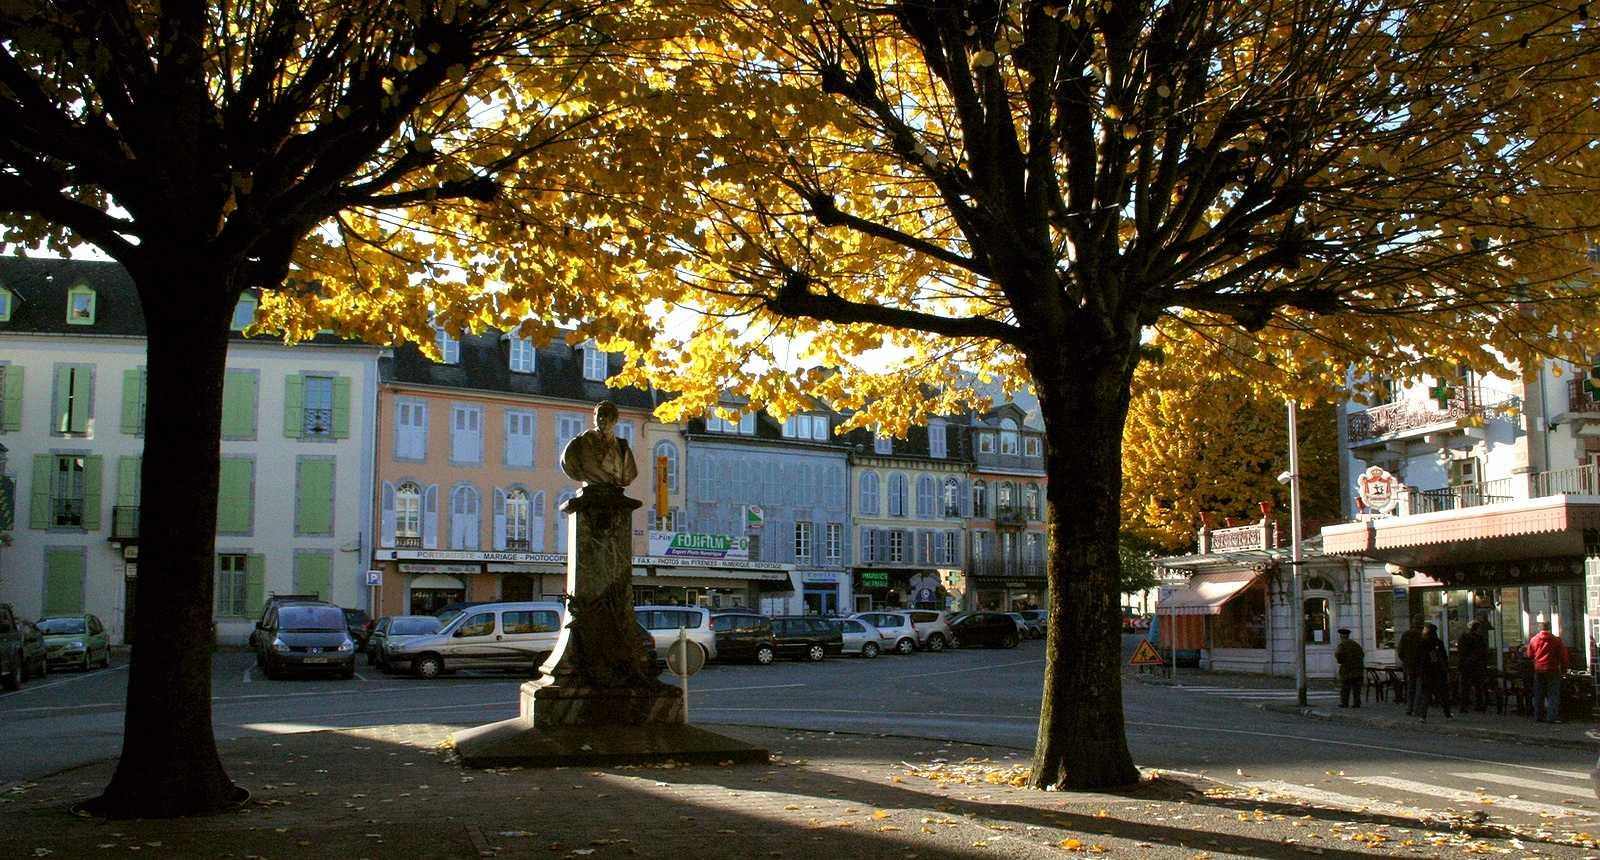 Petite place à Bagnères-de-Bigorre